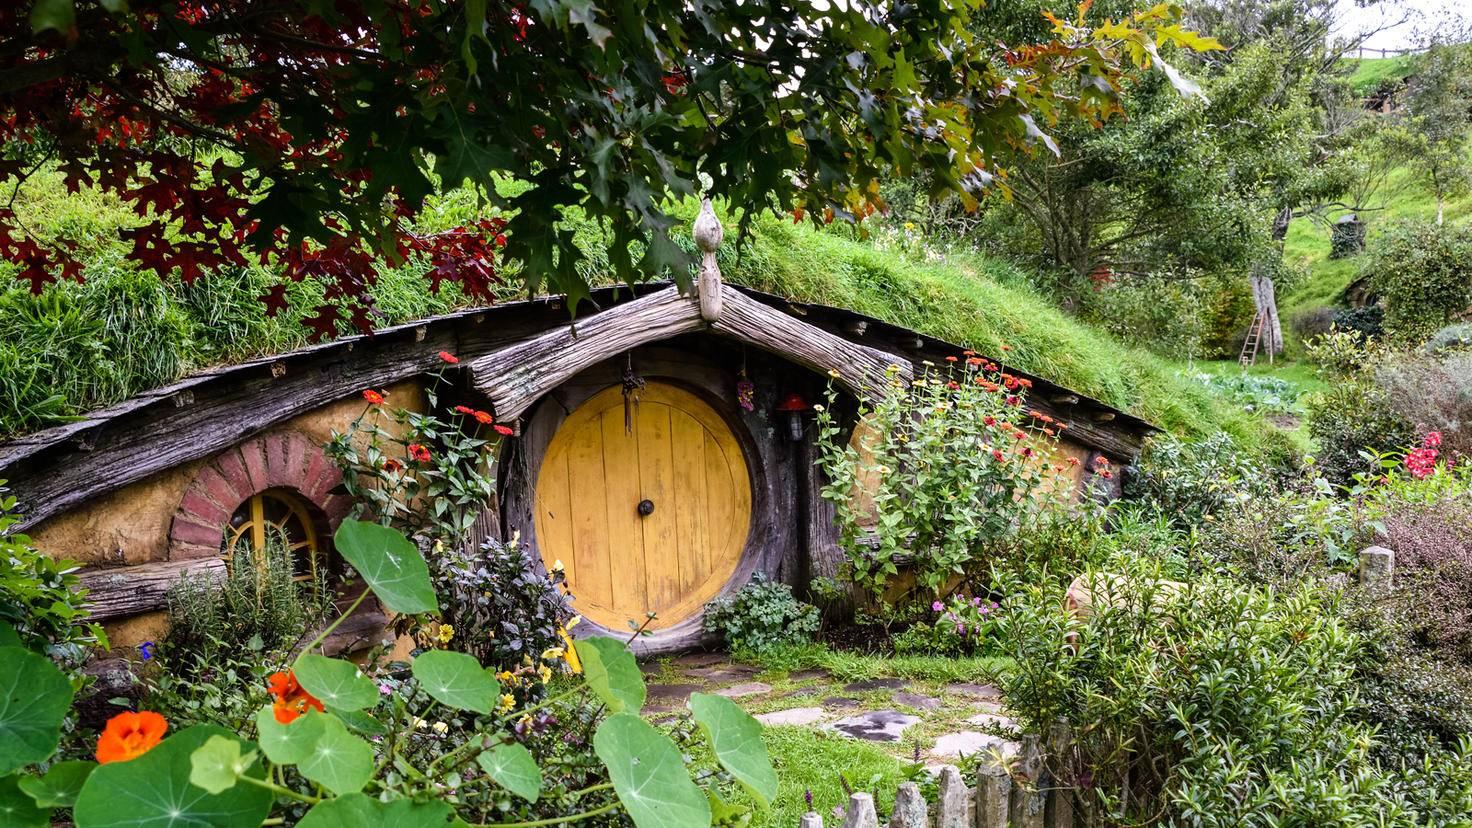 Hobbingen-Hobbit-Herr der Ringe-Drehort-Neuseeland-bebeball-AdobeStock_190201756